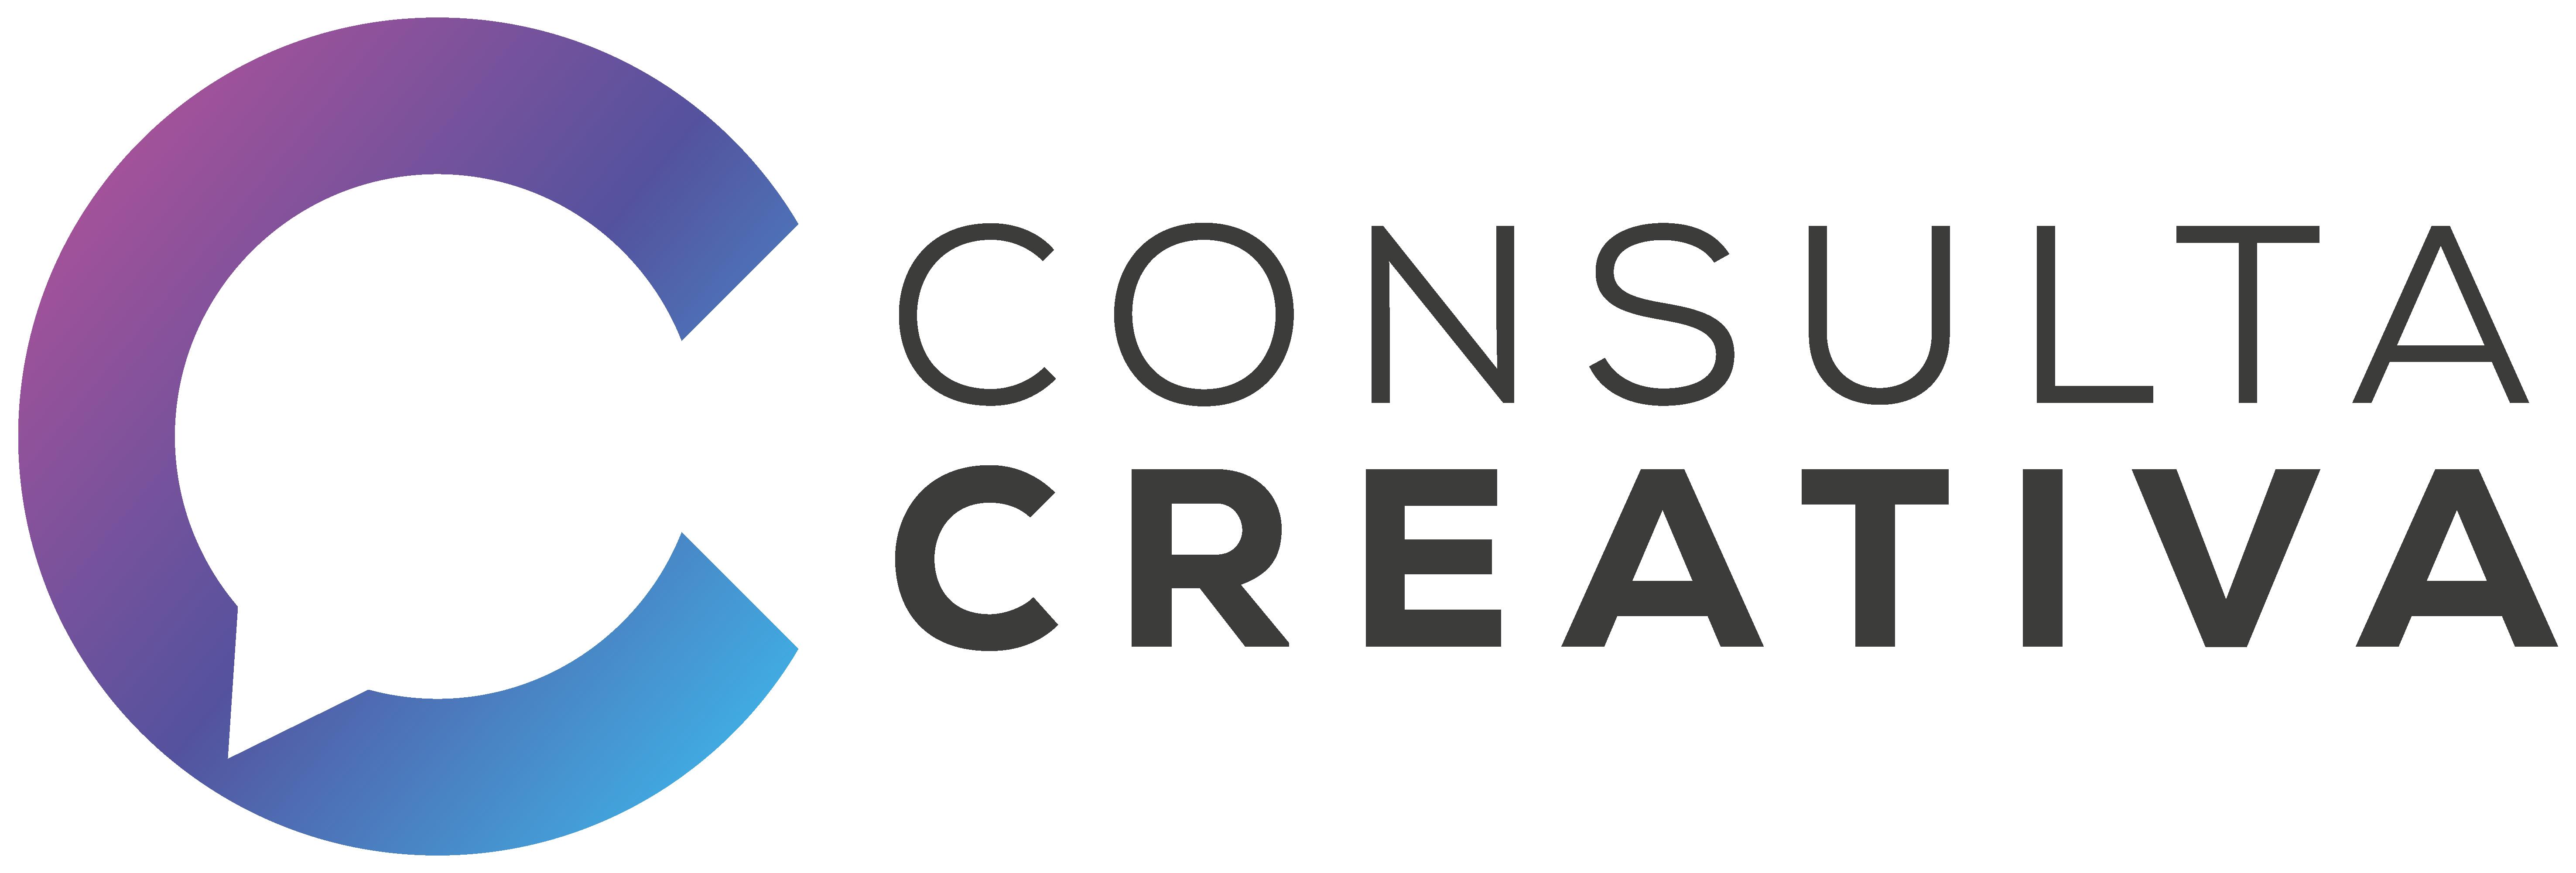 Consulta Creativa